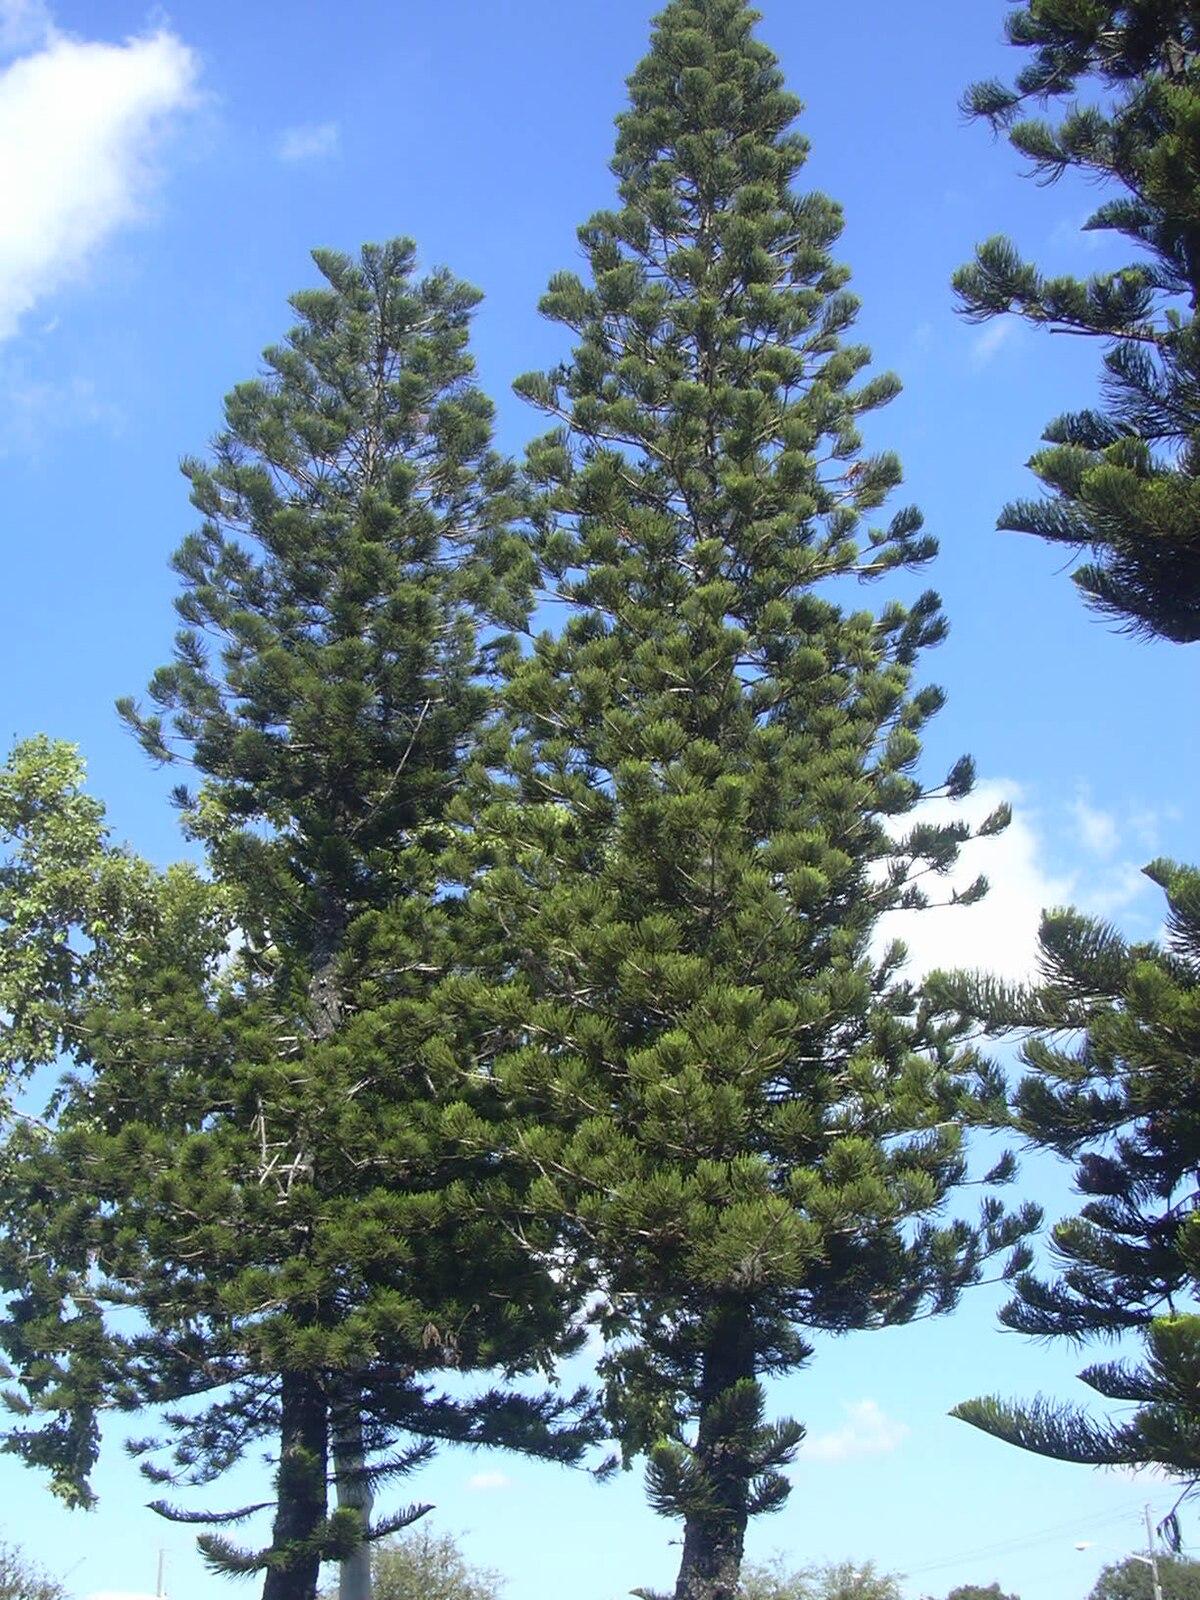 Araucaria - Wikipedia